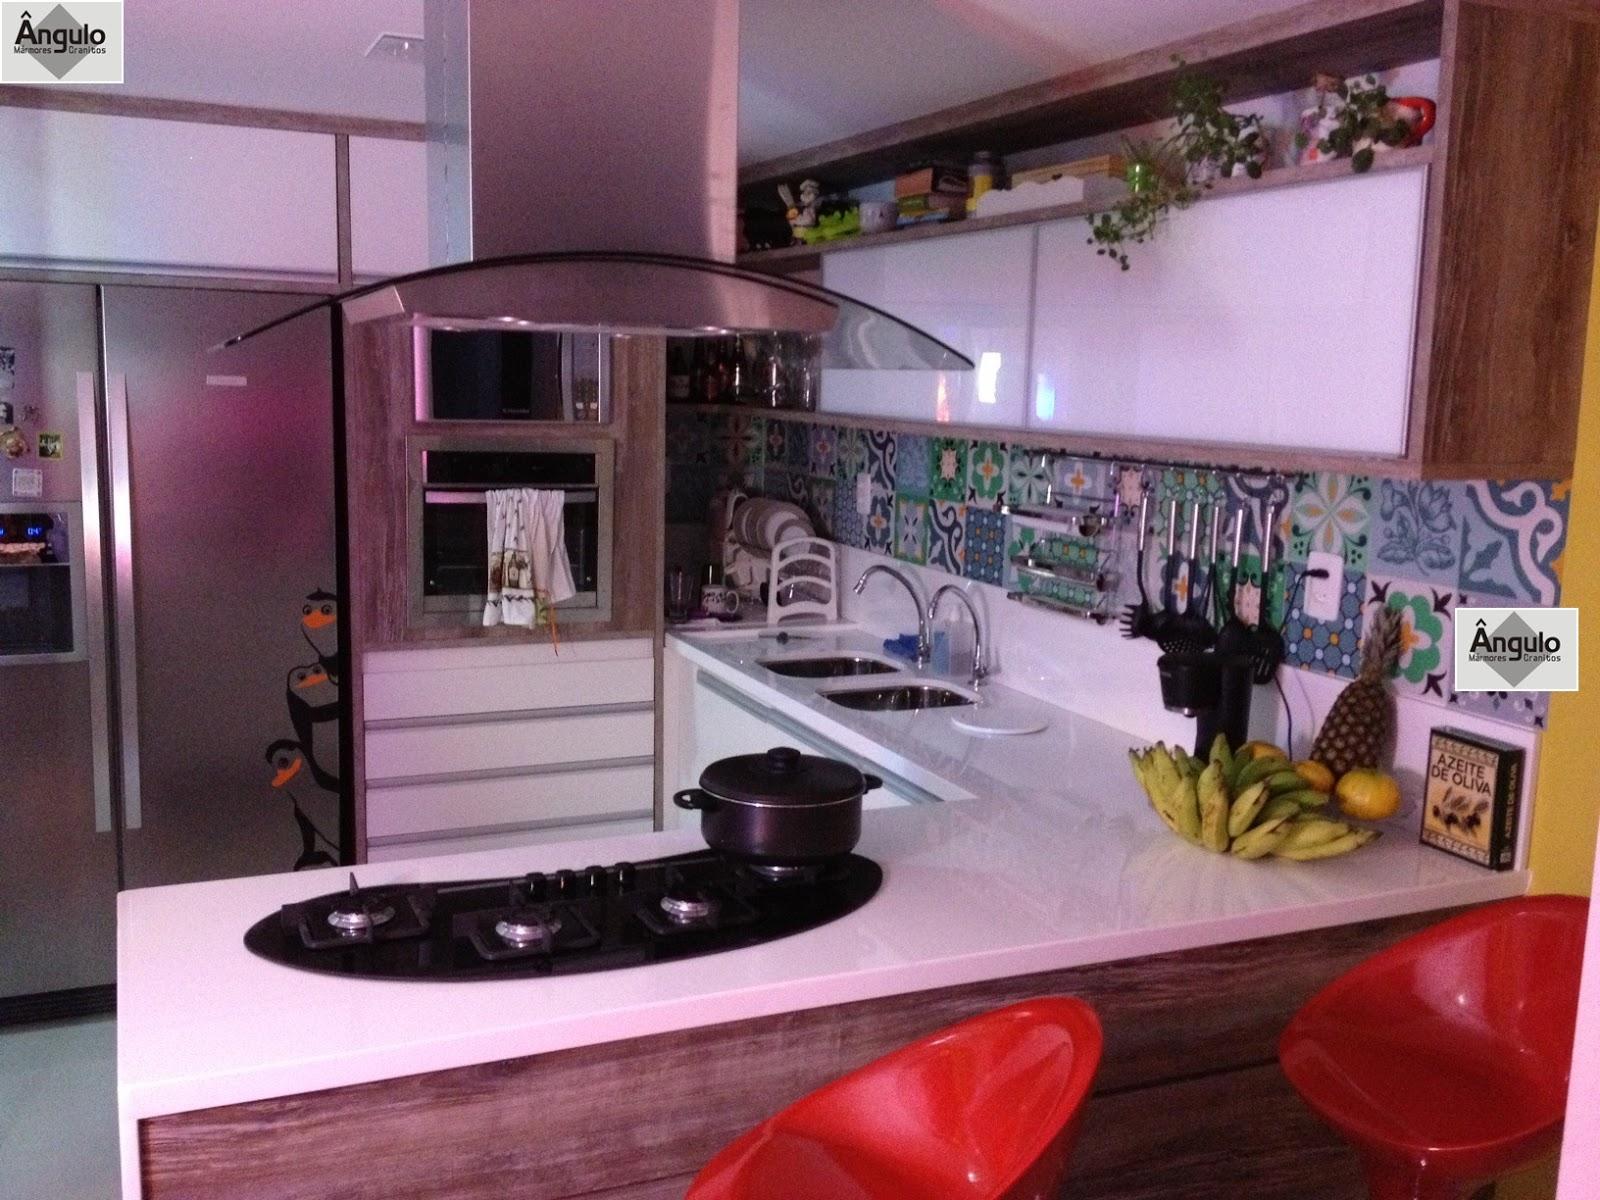 Ângulo Mármores e Granitos: Cozinha Balcão e Mesa em Nanoglass #AC1F23 1600x1200 Balcao Banheiro Fabrica